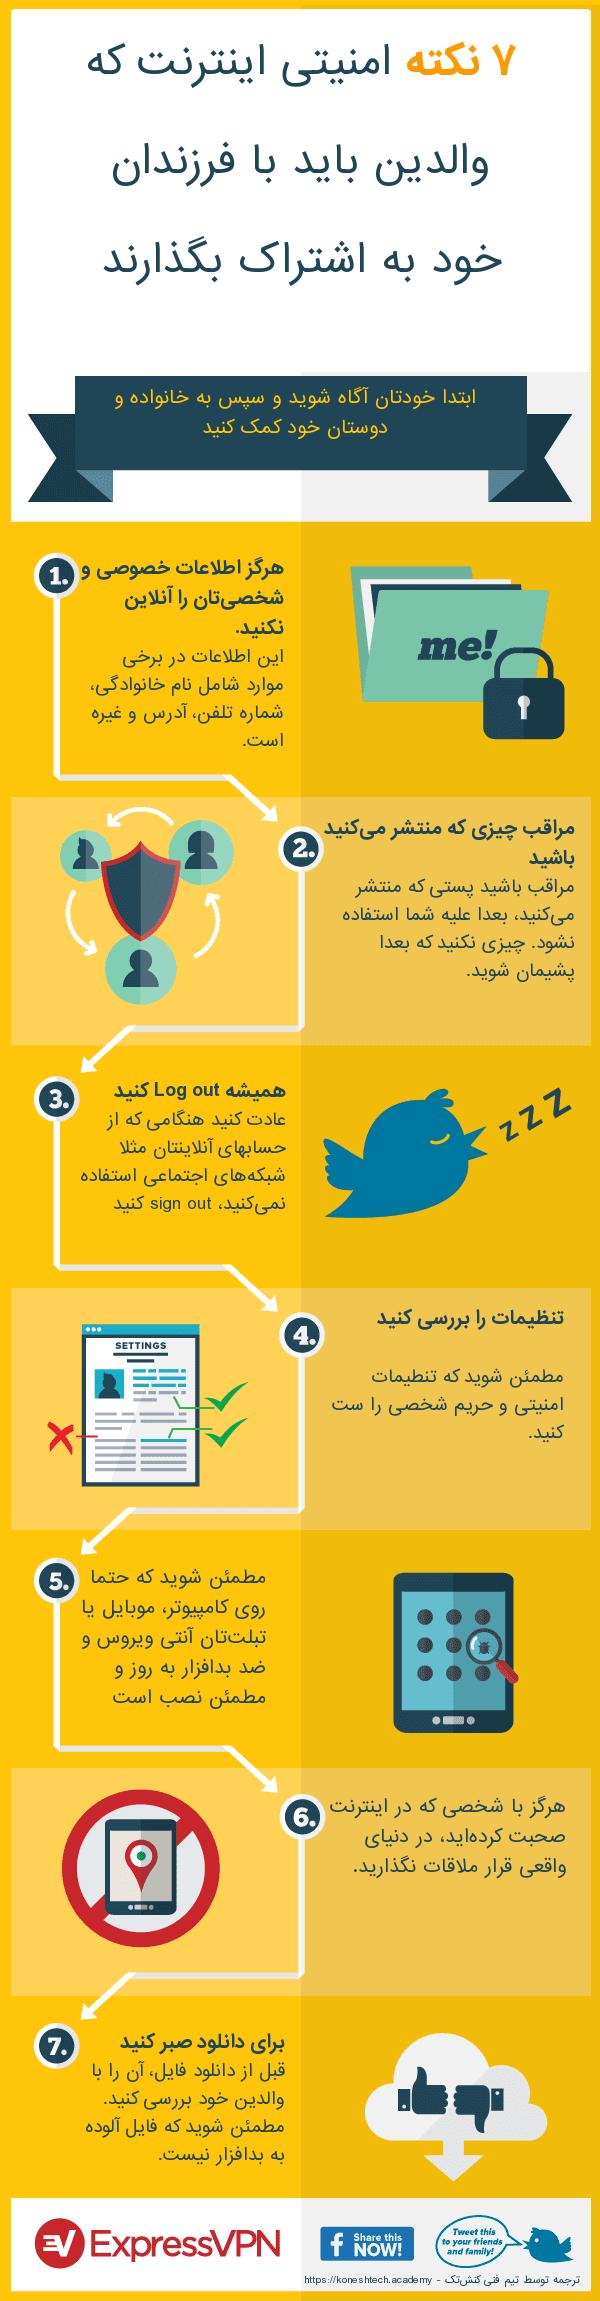 ۷ نکته امنیت اینترنت که والدین باید با فرزاندن خود به اشتراک بگذارند